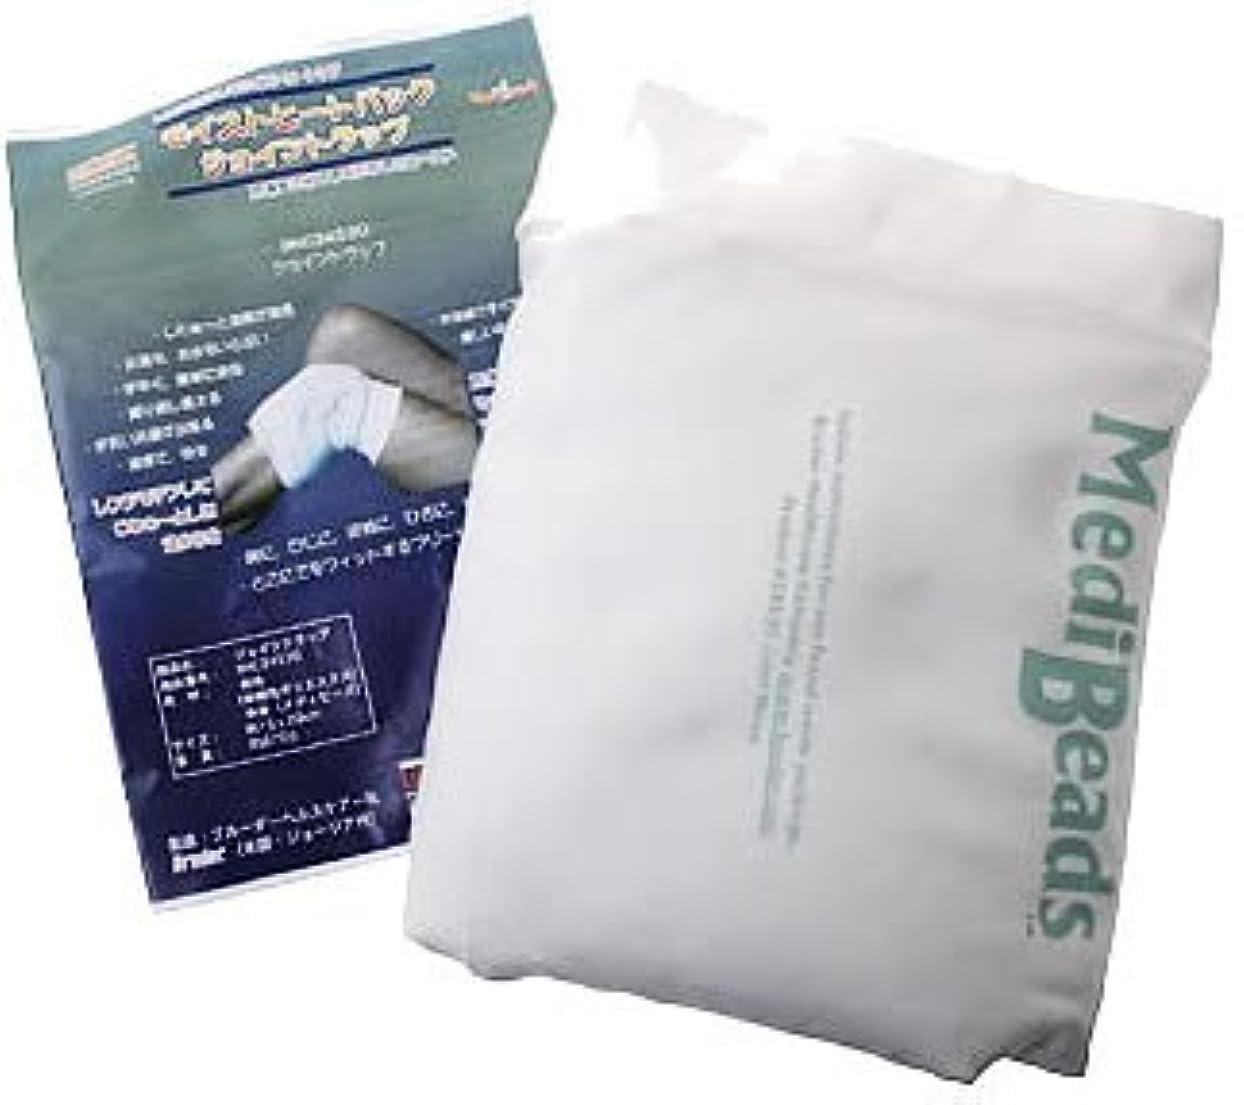 通常口頭フィット【一般医療機器】アコードインターナショナル (BHC34530) モイストヒートパック メディビーズ (ジョイントラップ) 15×20cm 温湿熱パック 温熱療法